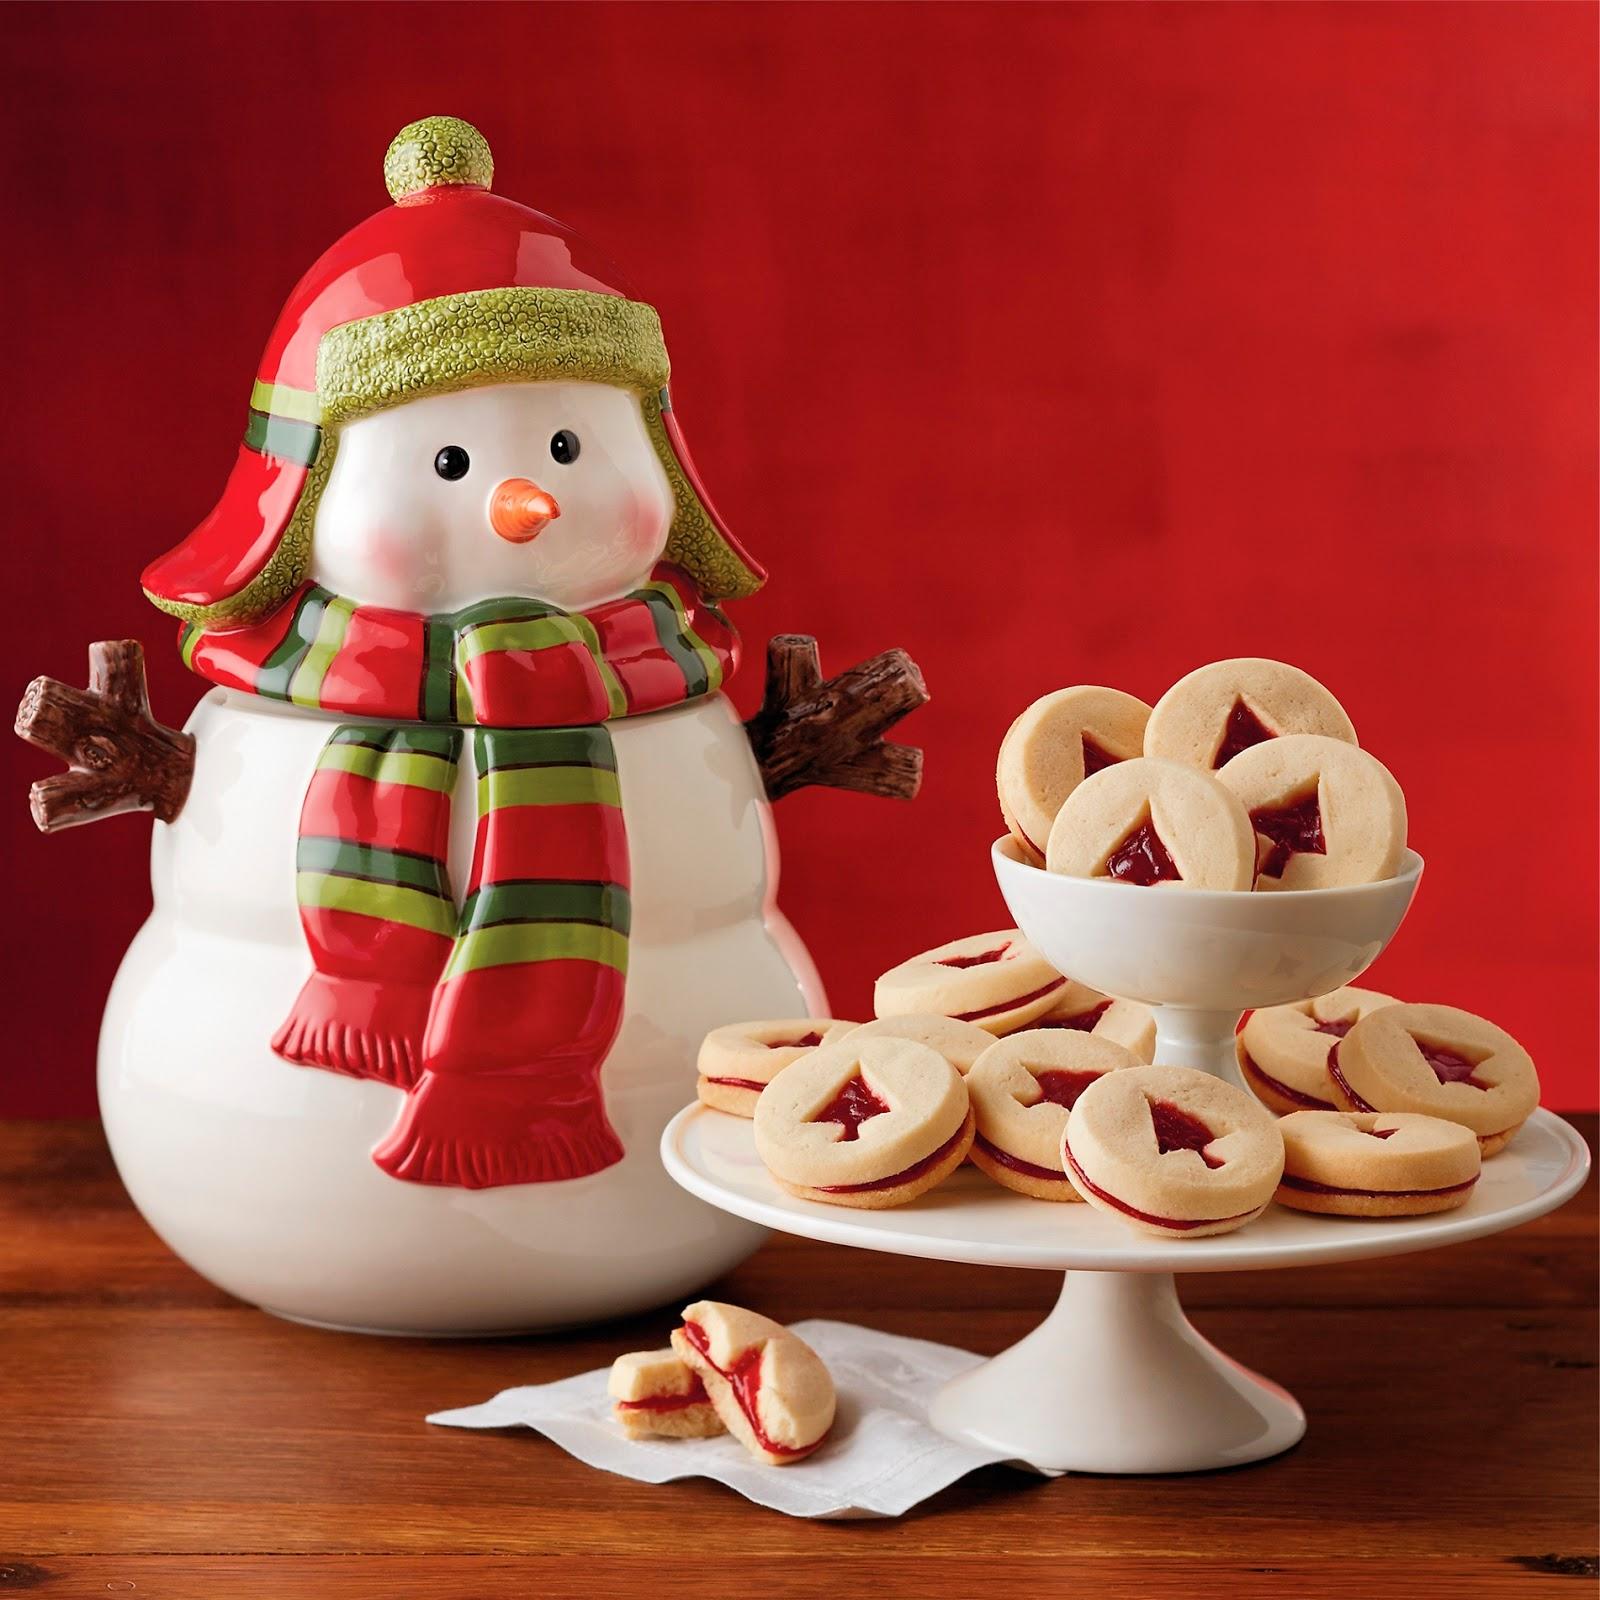 J Thaddeus Ozark S Cookie Jars And Other Larks Three New